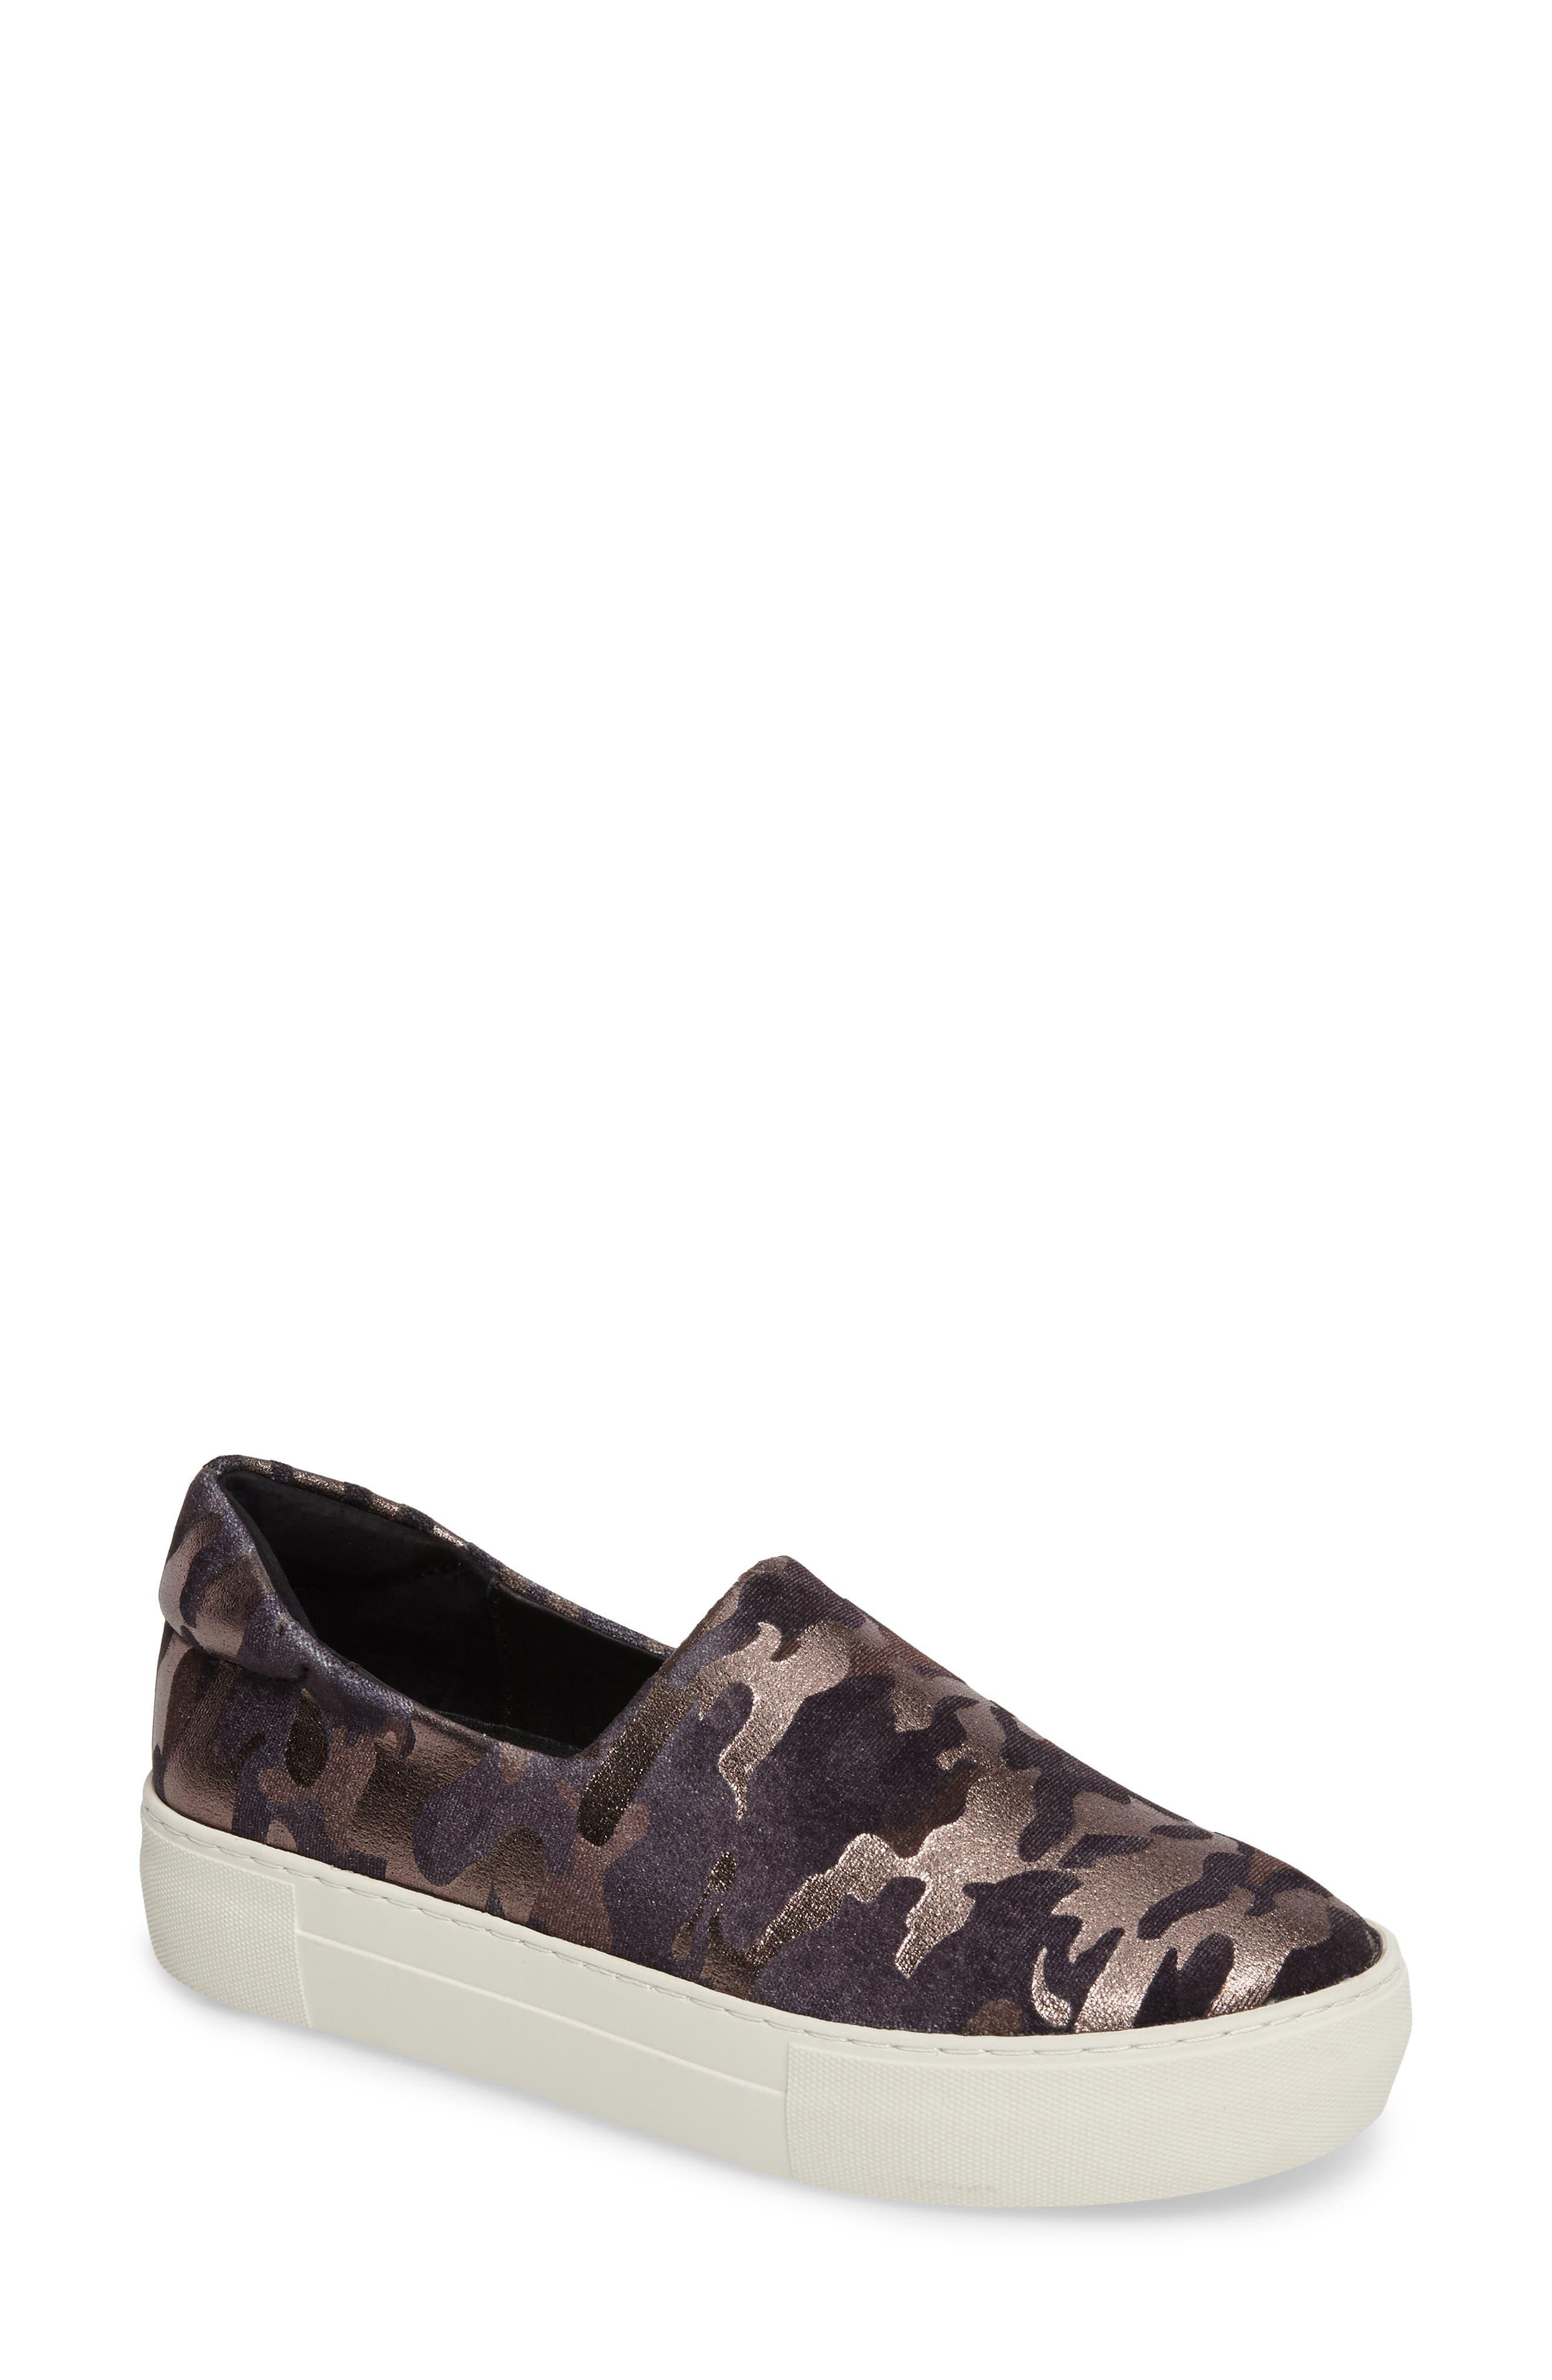 JSLIDES 'Ariana' Platform Sneaker, Main, color, 001